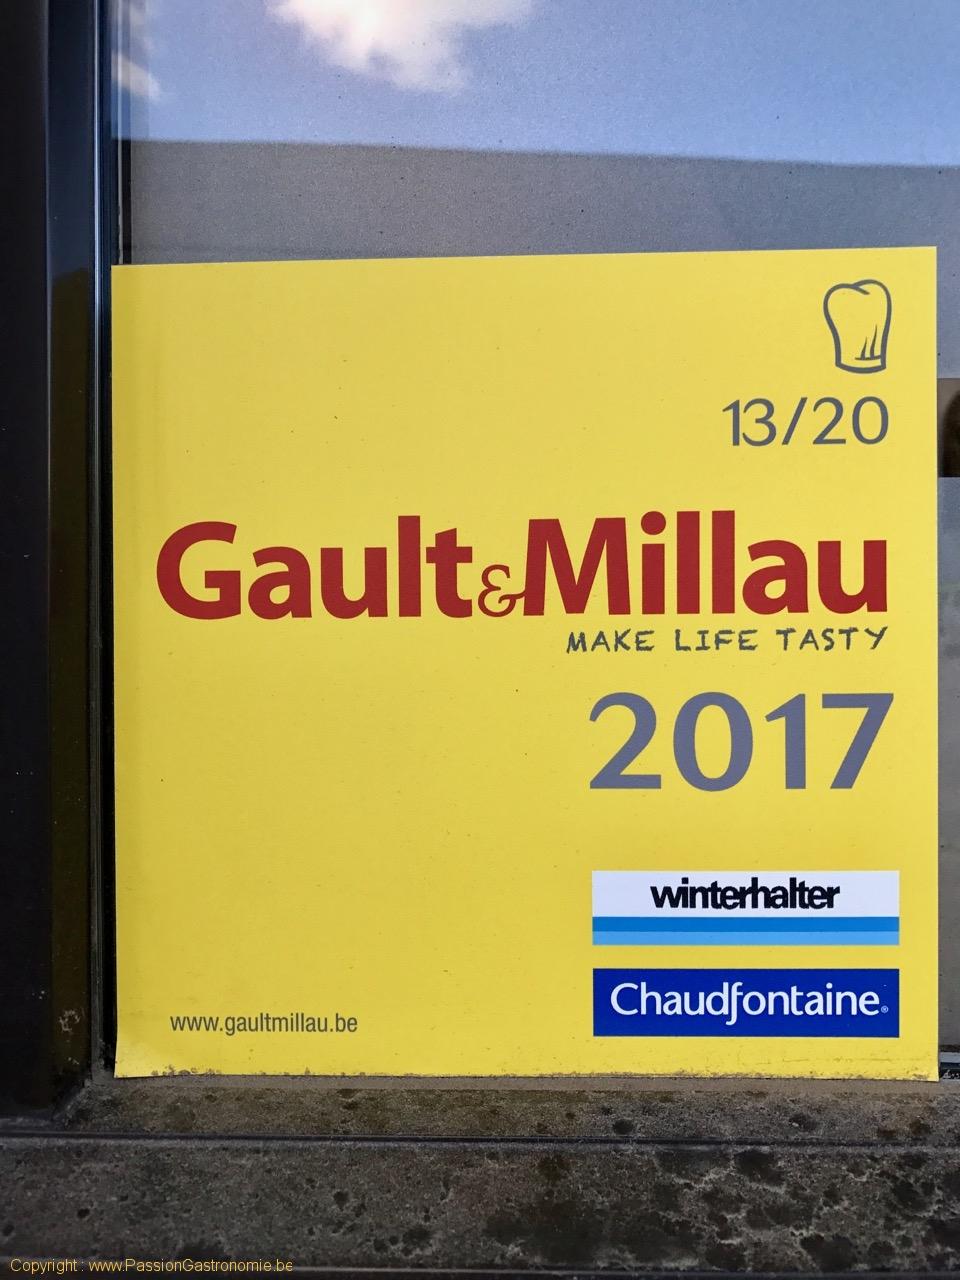 Restaurant Le Mont-A-Gourmet - 13/20 au Gault & Millau 2017